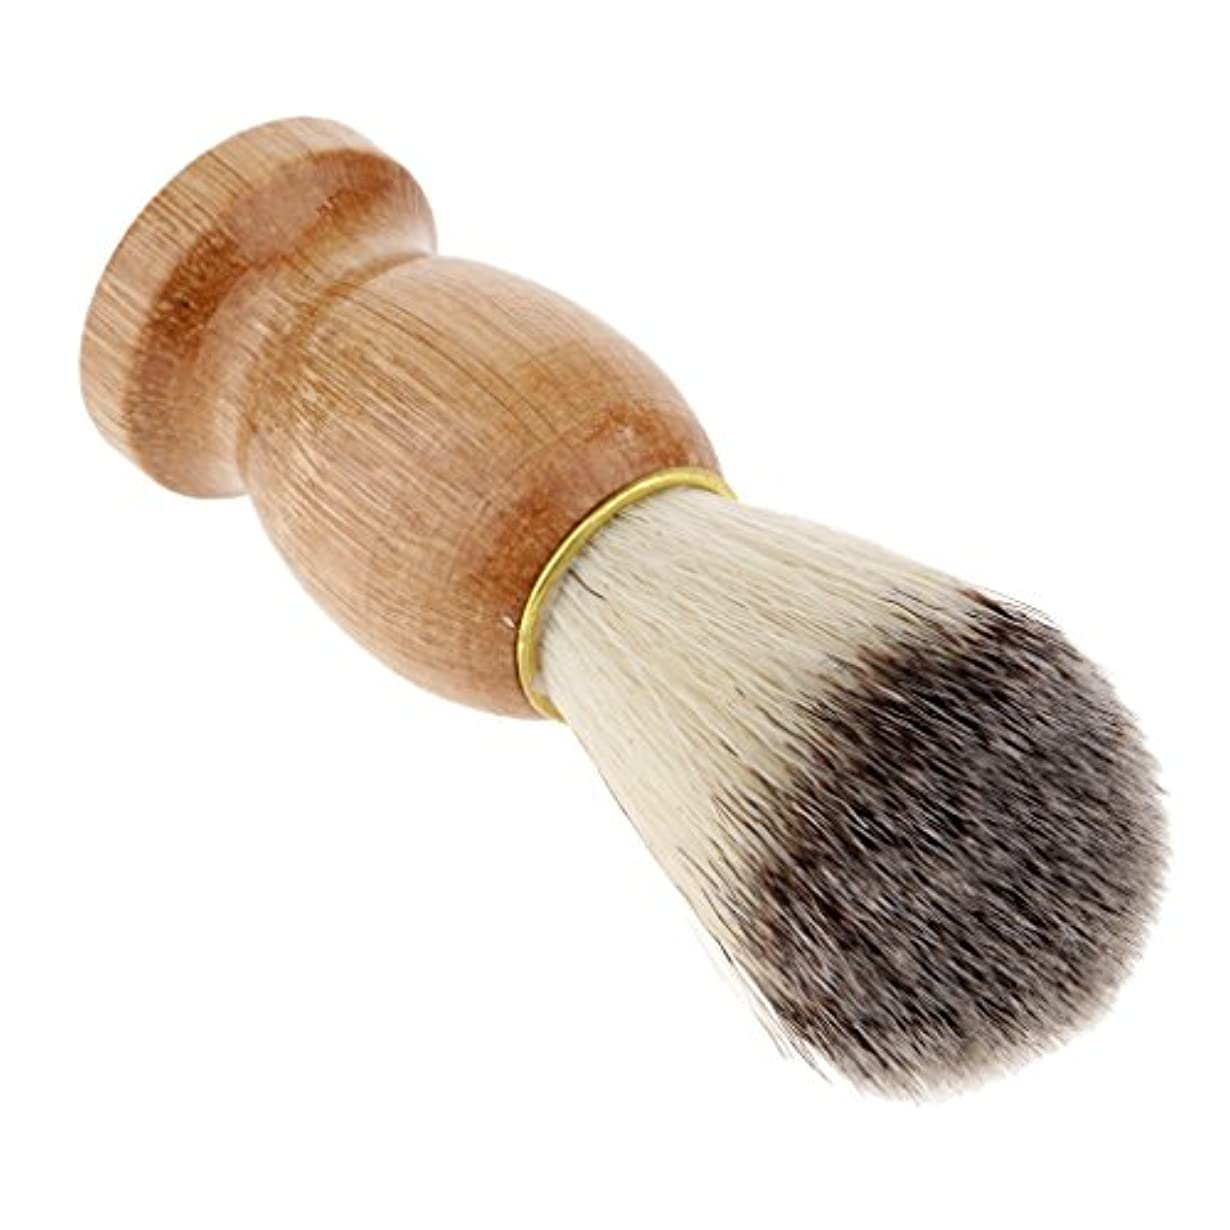 しみ不十分ワーカー人毛ひげの切断の塵の浄化のための木製のハンドルの剛毛の剃るブラシ